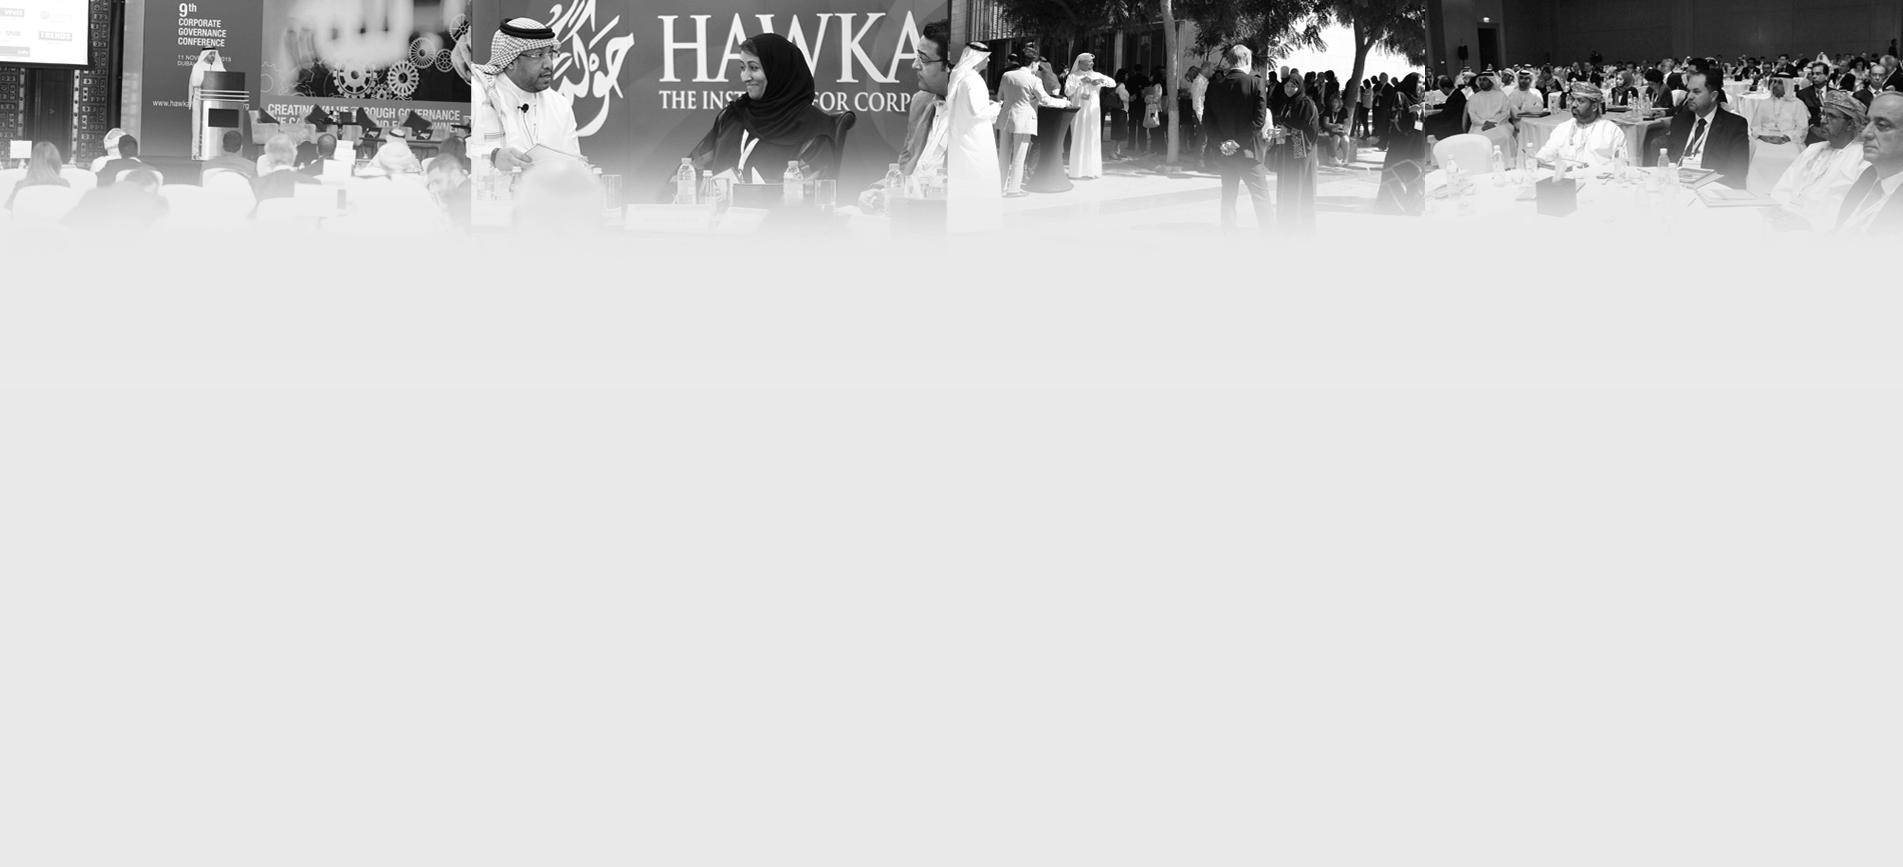 Hawkamah Conference